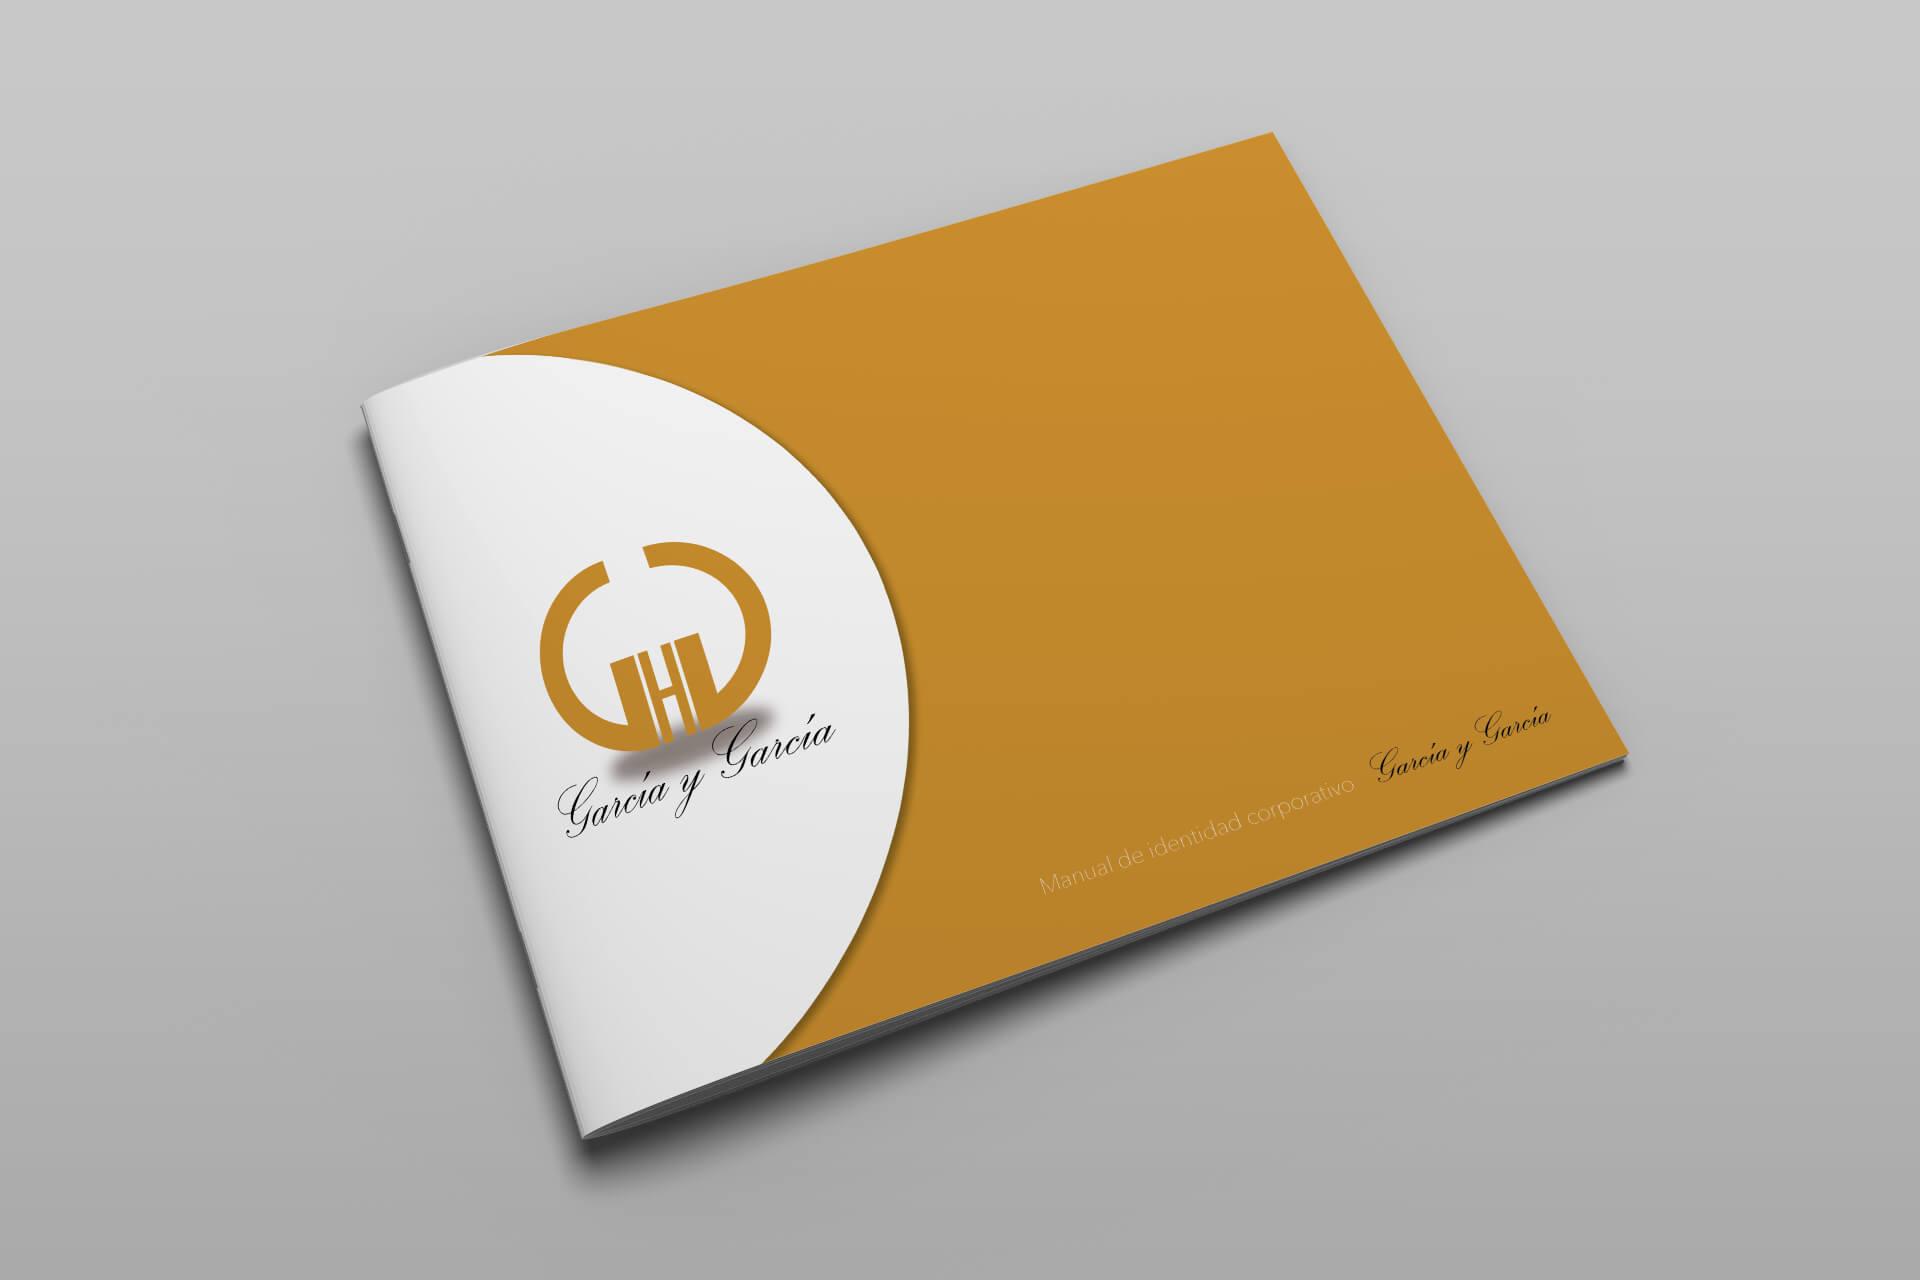 Logotipo García Y García